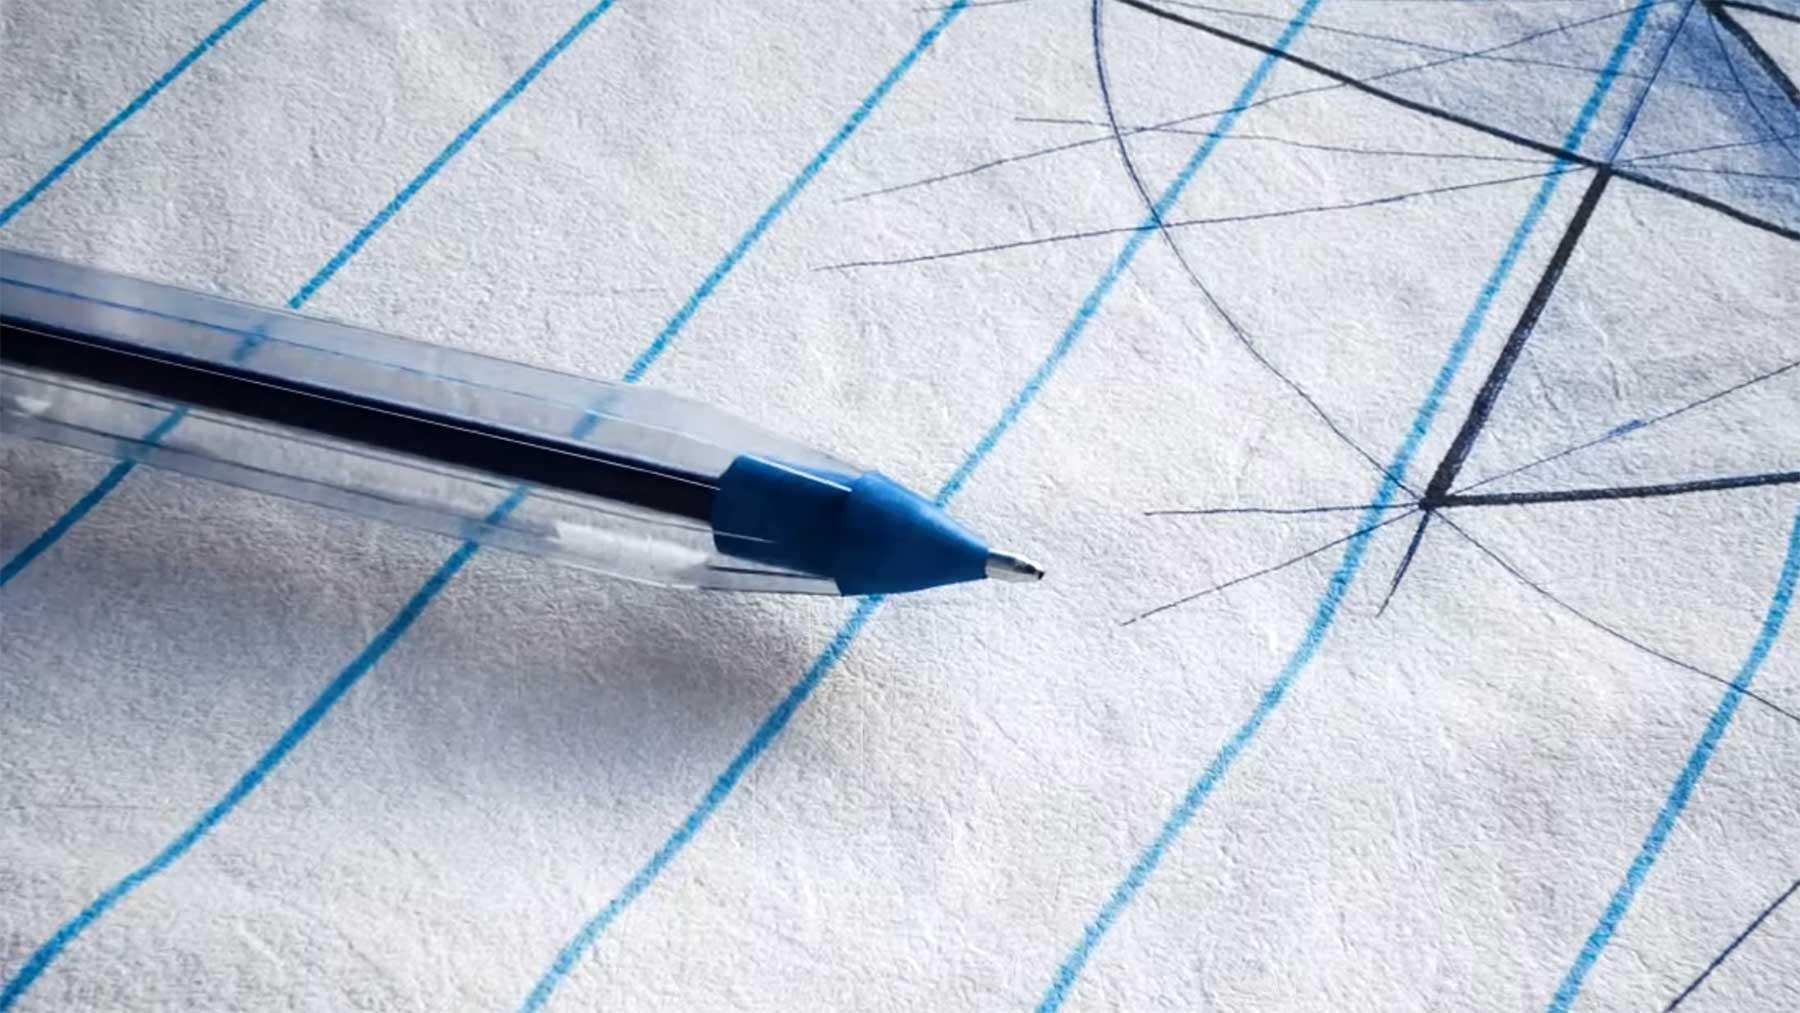 Zoom einer Kugelschreibermine bis auf Atom-Level